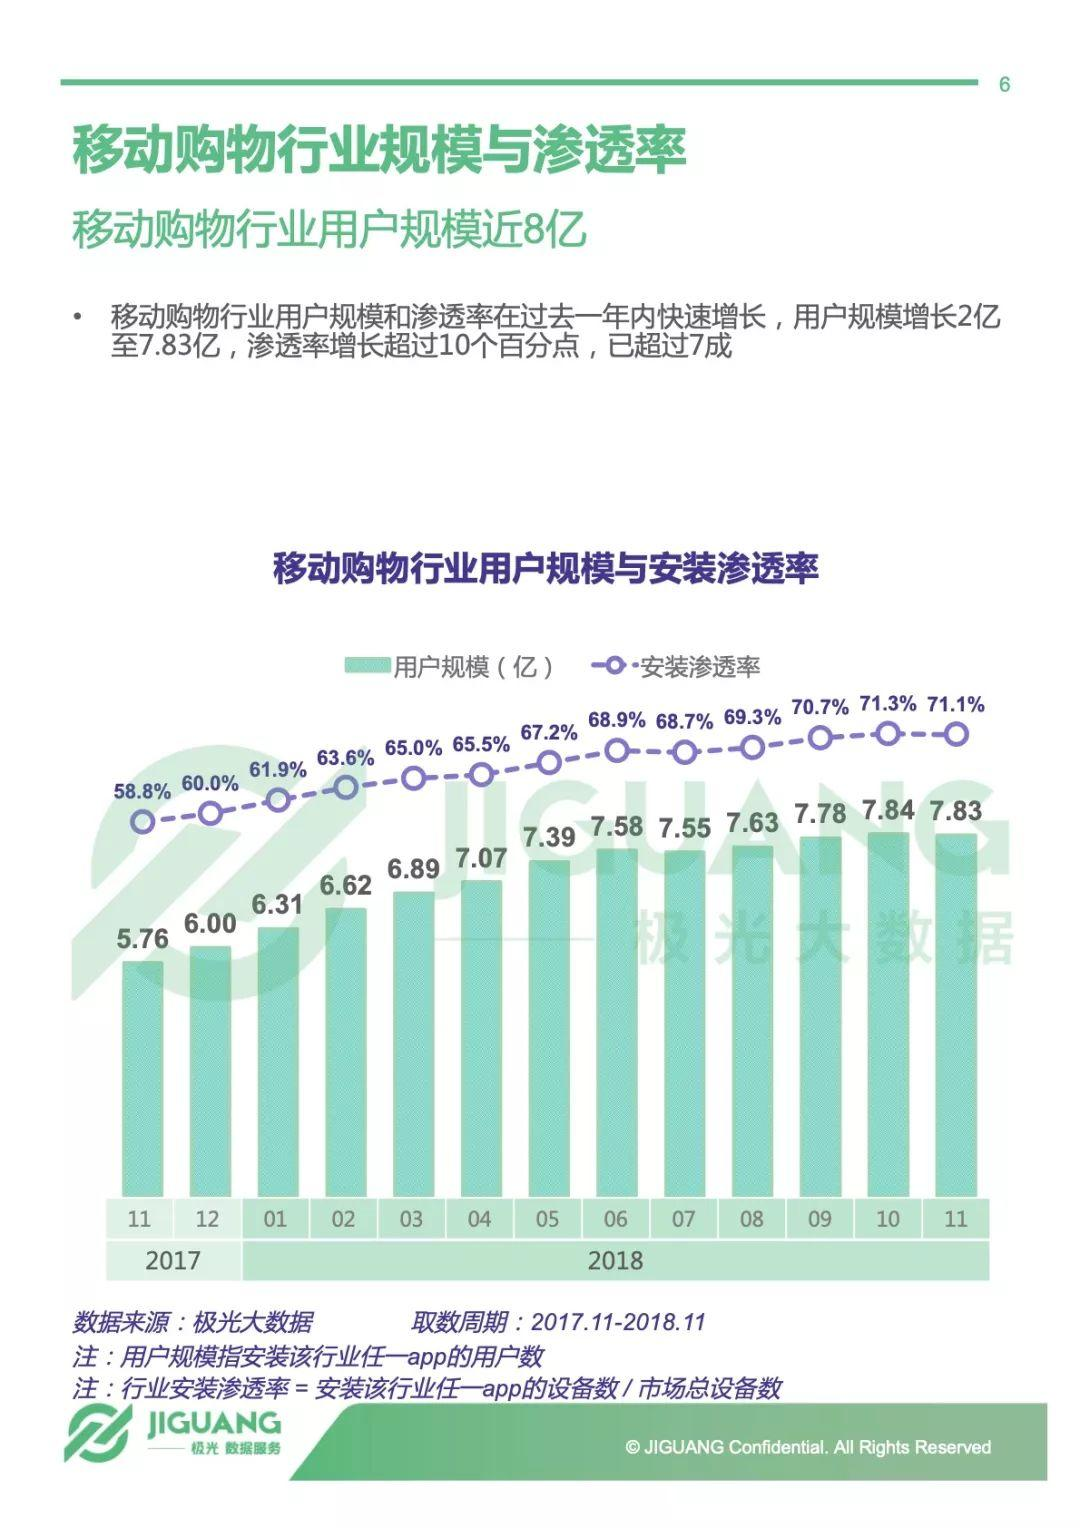 极光大数据:2018年电商行业研究报告